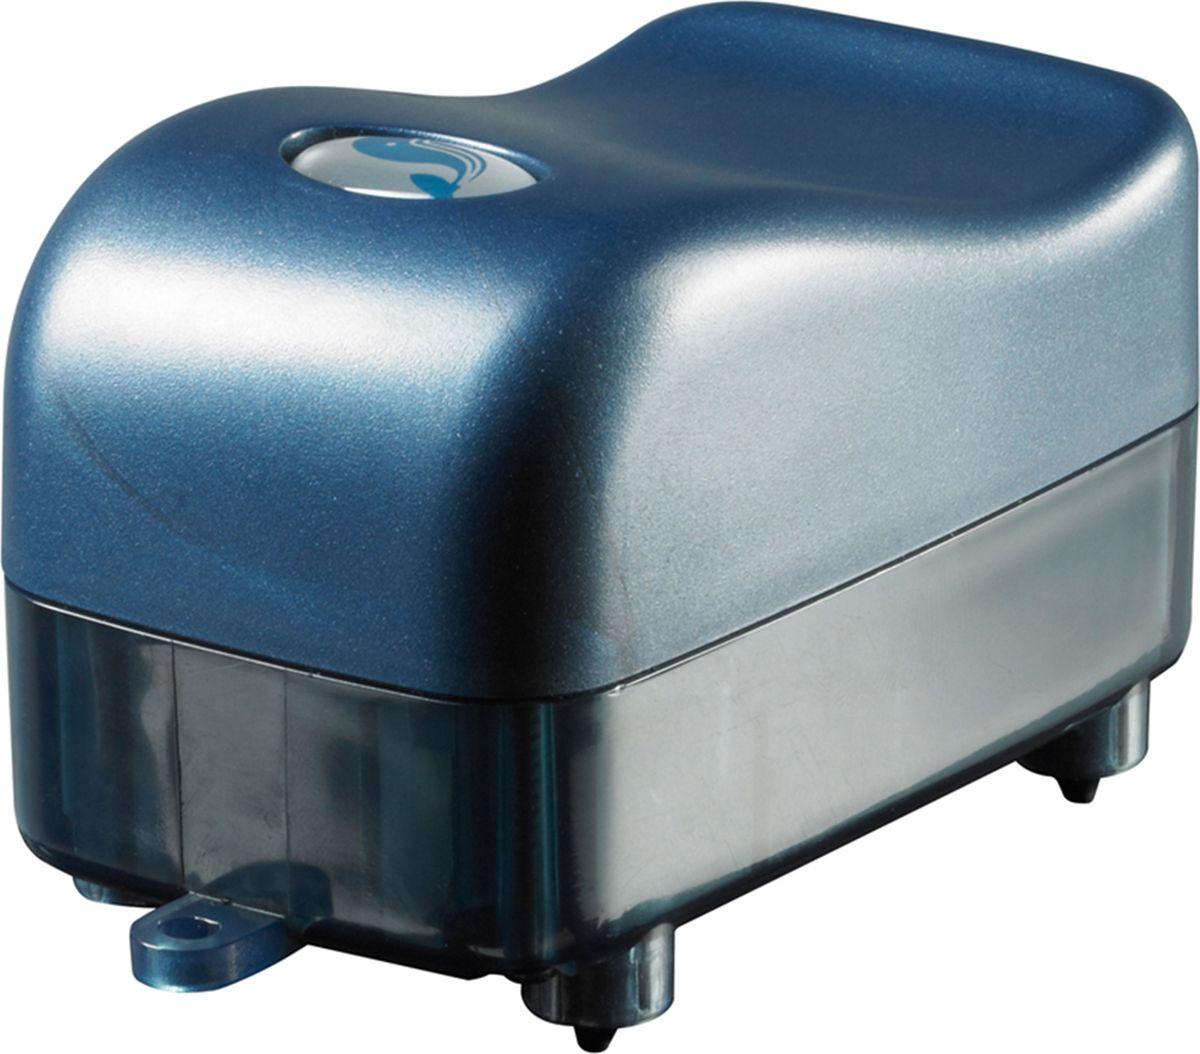 Компрессор аквариумный Sicce Airlight 1500, одноканальный, 90 л/ч91480Компрессор Sicce Airlight 1500 обеспечит ваш аквариум кислородом. Он выполнен из пластика. Компрессор можно использовать и для других целей, например в пузырьковых колонах, в прудах, нано-аквариумах.Он компактен и может быть размещен как сверху аквариума так и на стене сзади аквариума. Устанавливая компрессор ниже уровня воды, на пример в тумбе или около аквариума, не забудьте купить обратный клапан, который вы установите на воздушный шланг вашего компрессора. Компрессор должен работать постоянно. Он достаточно тихий и имеет резиновые ножки.В комплекте: воздушный шланг и распылитель.